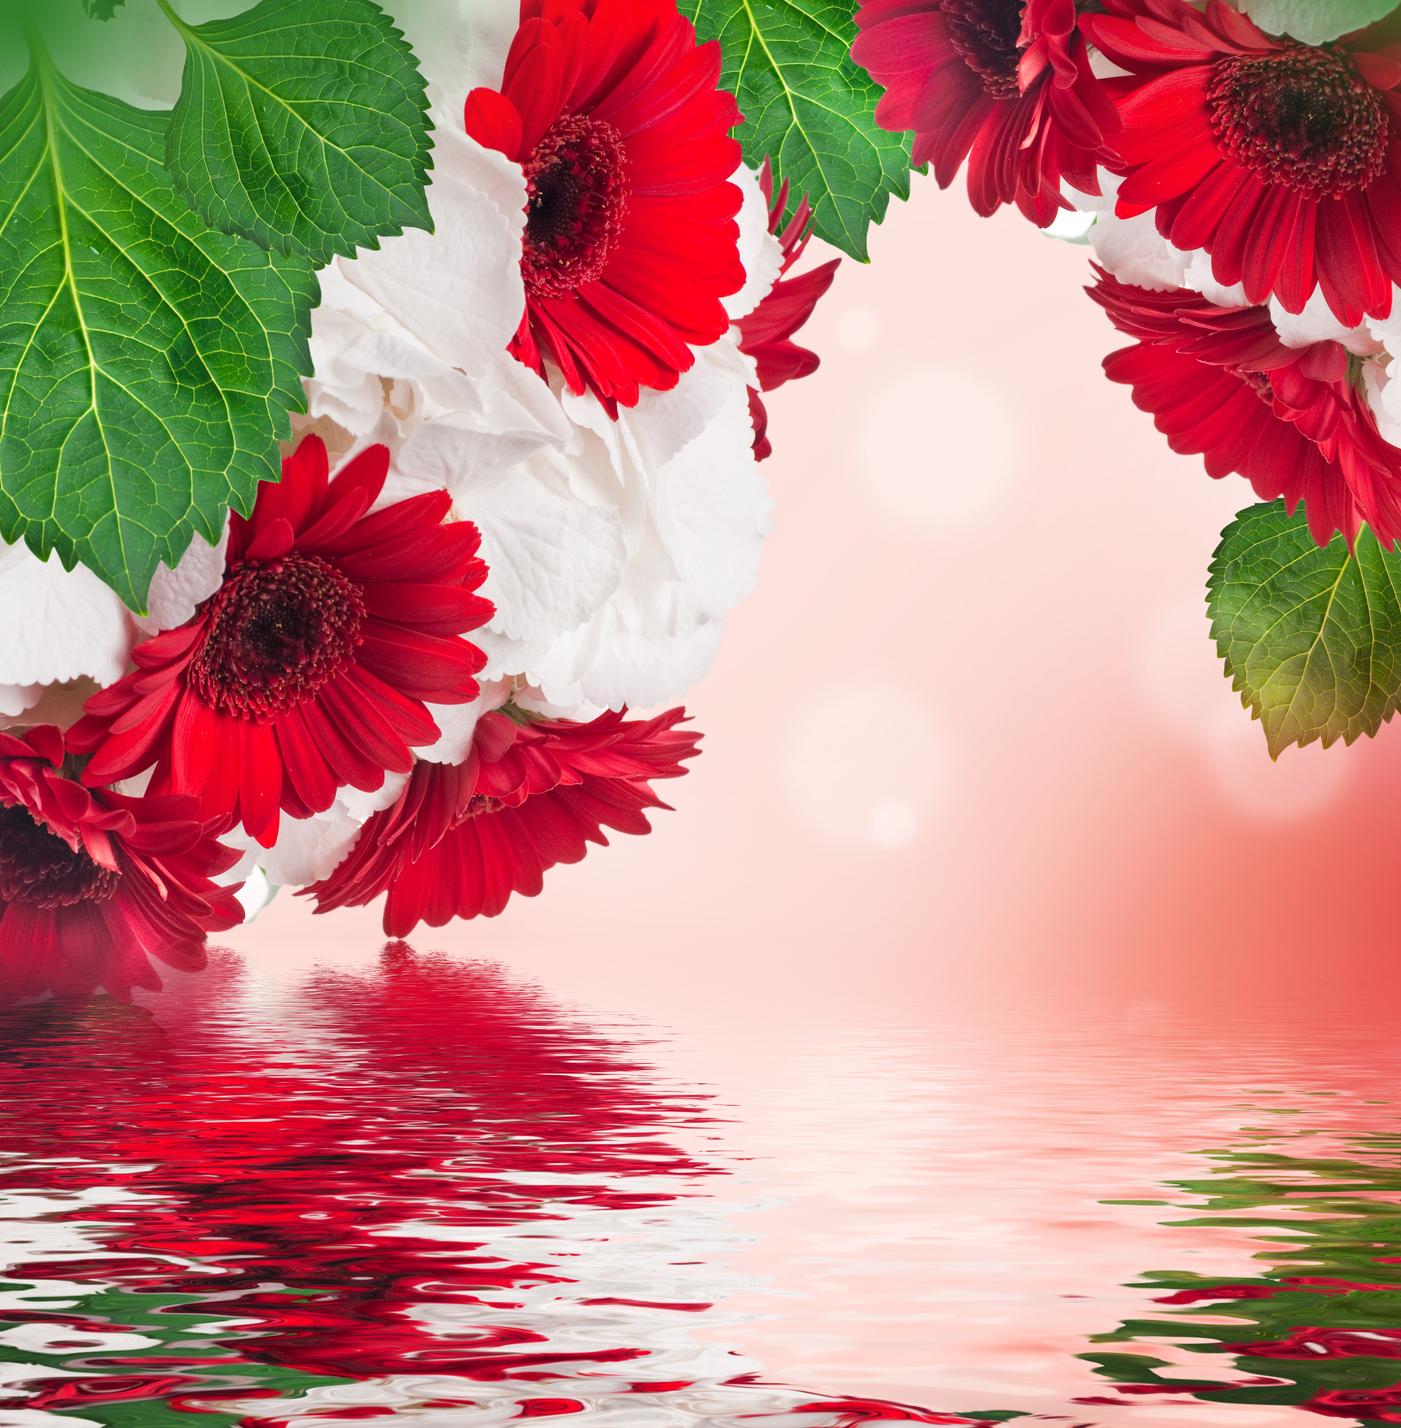 FLORES HERMOSAS Imagenes, fantasía y color Facebook - Imagenes De Flores Fantasia